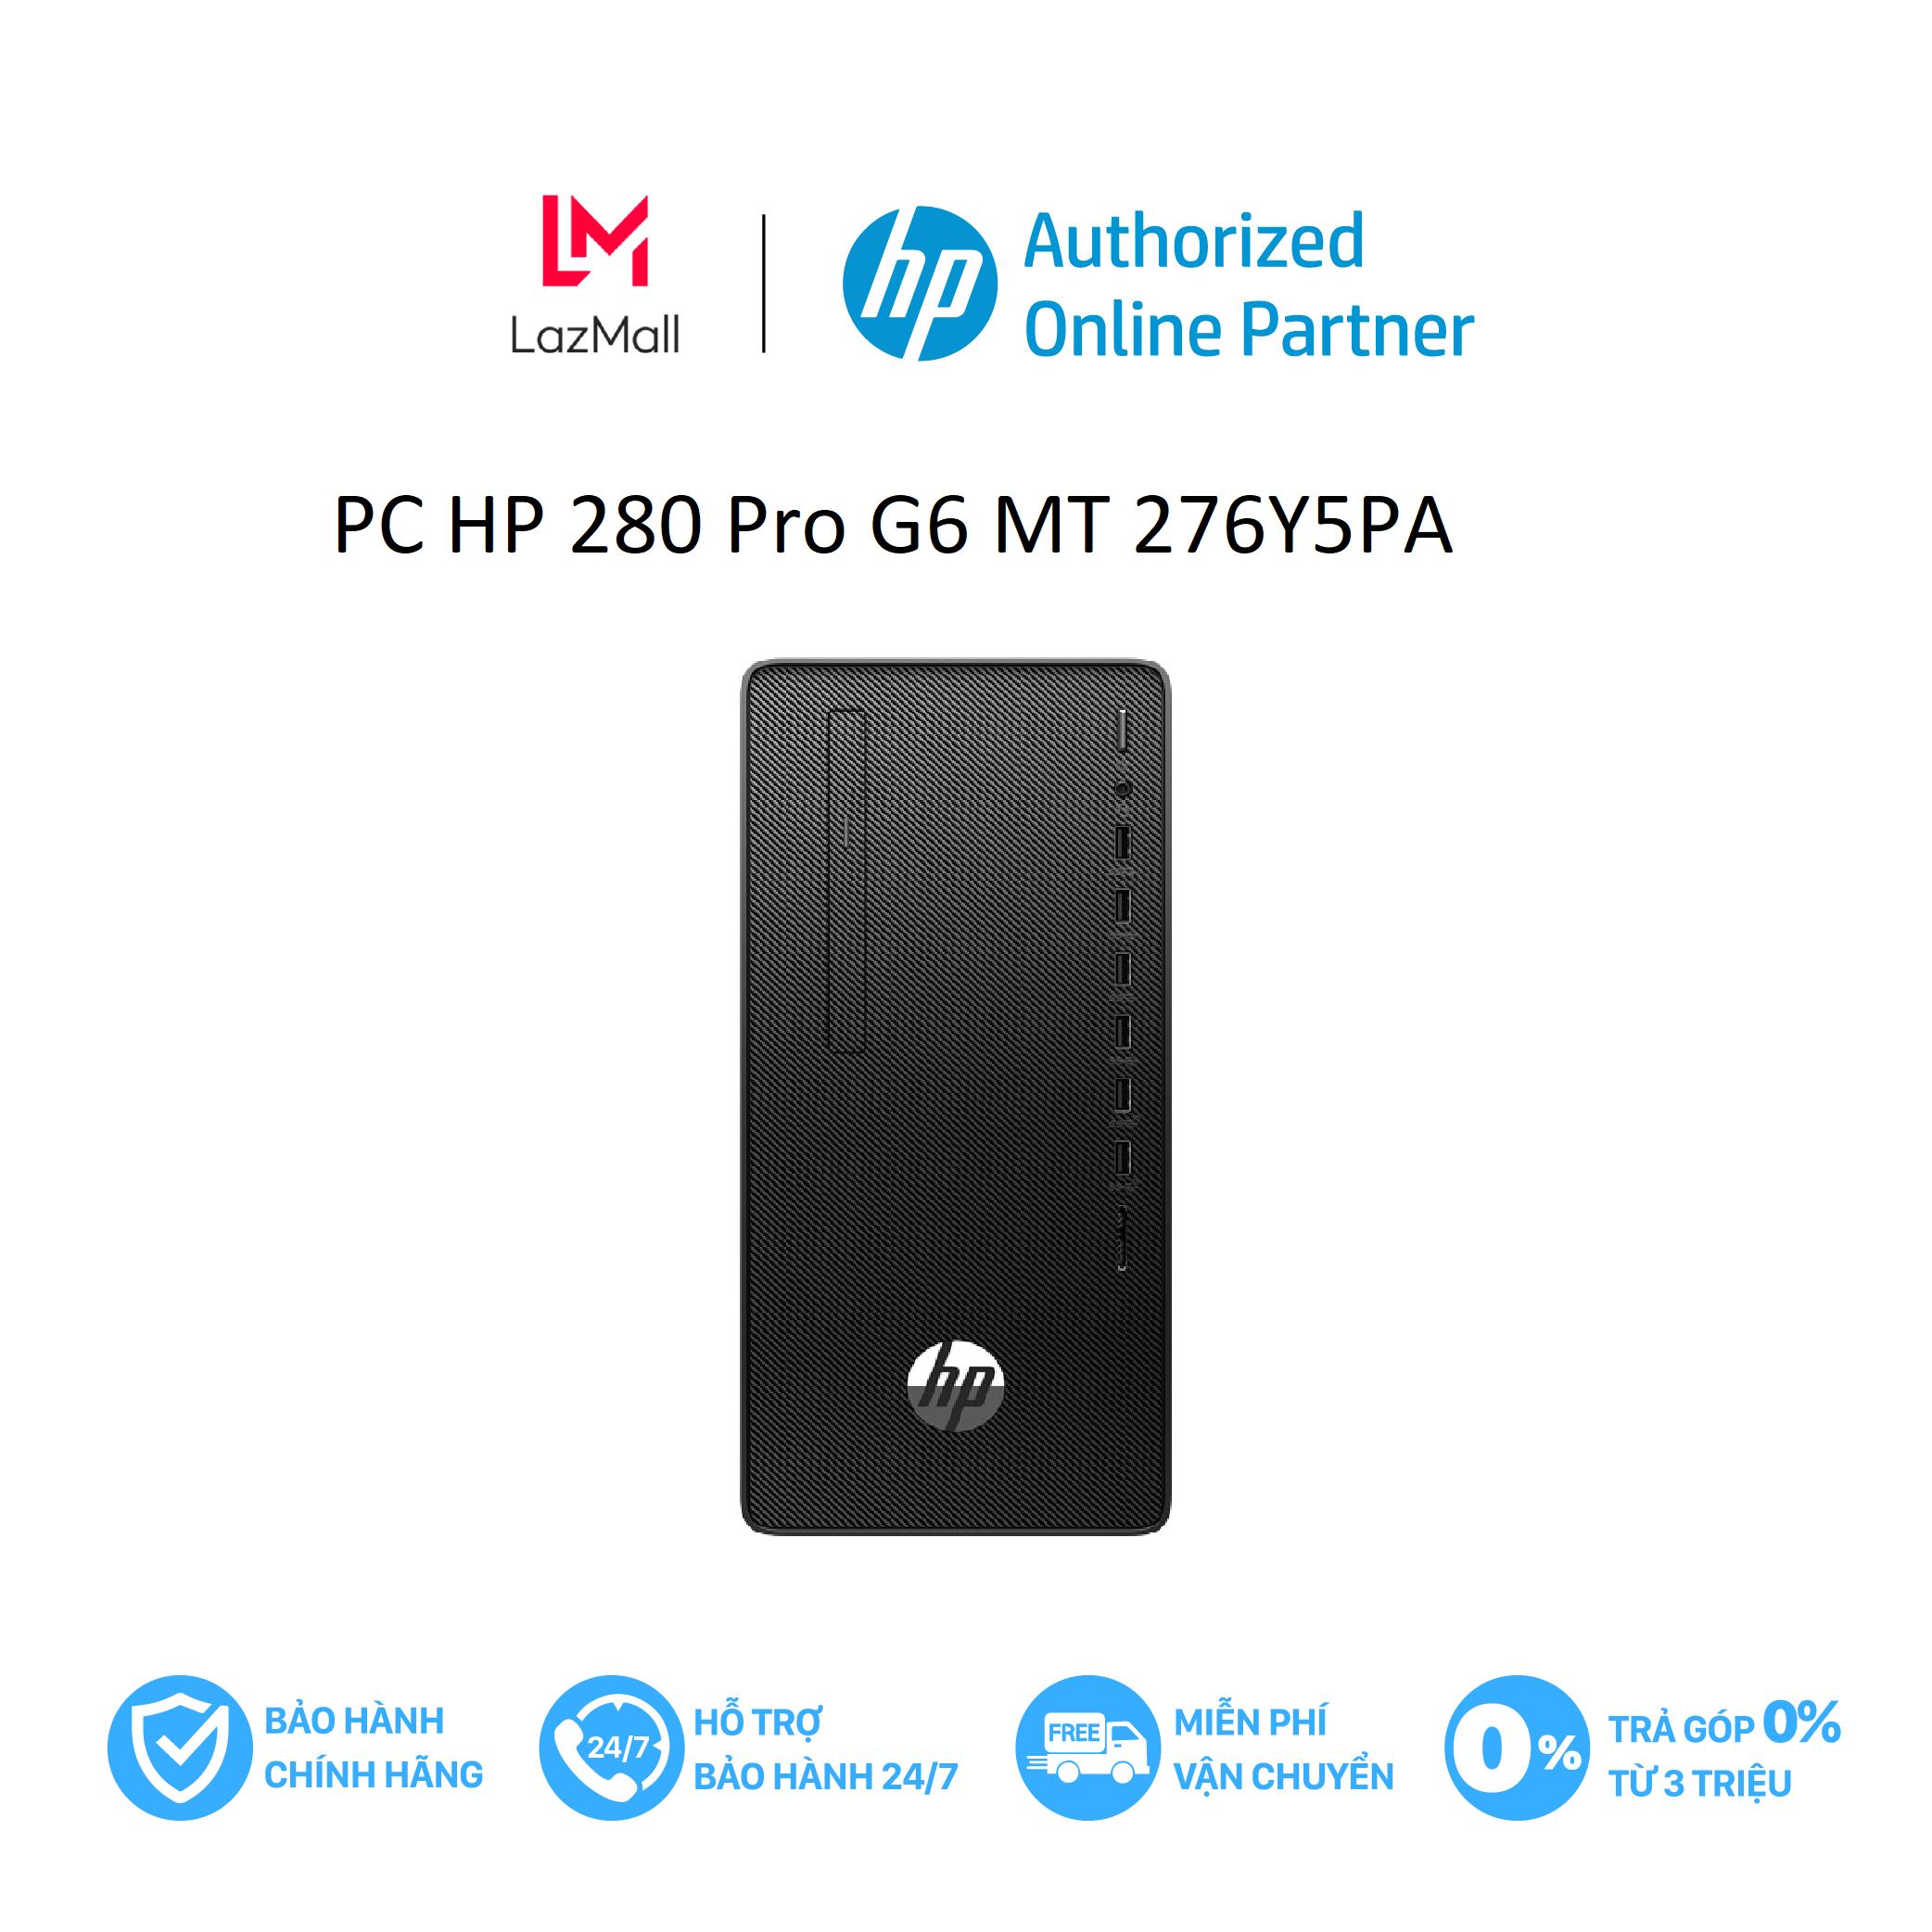 Máy tính để bàn HP 280 Pro G6 MT/ i7-10700-2.9G/ 8G/ 256G SSD/ DVDRW/ WL+BT/ W10/276Y5PA